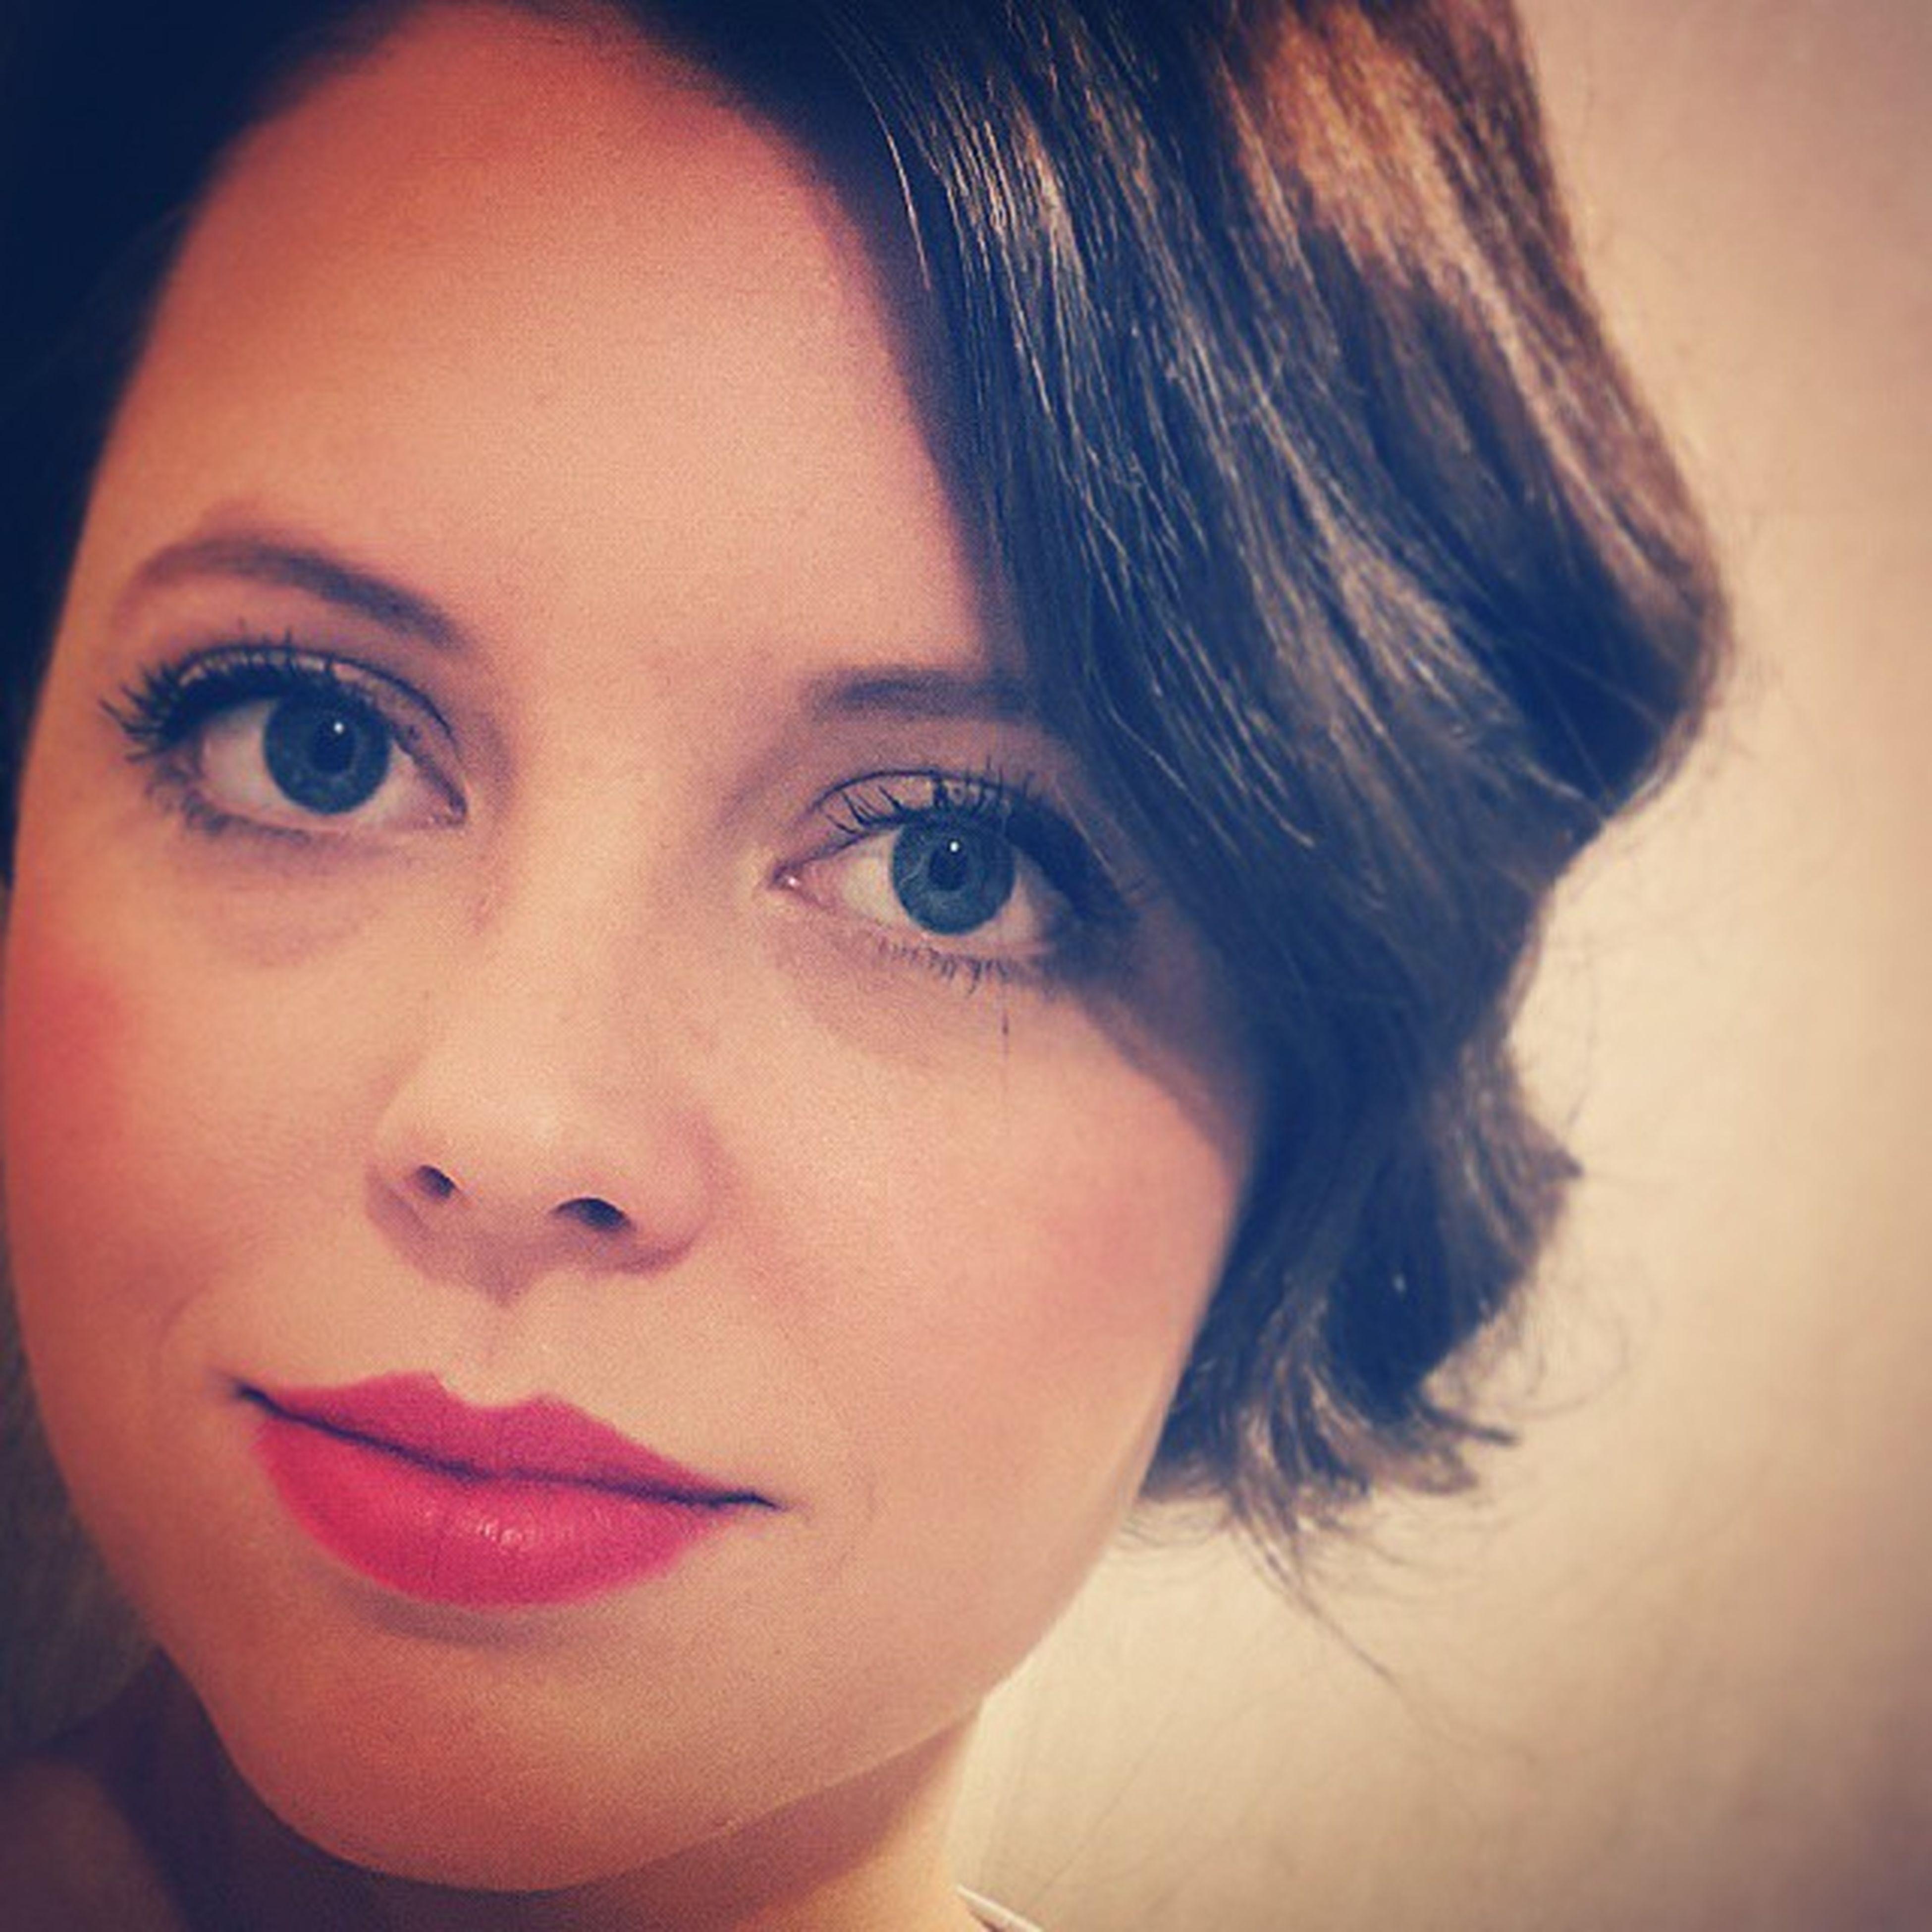 Makeup Sminke Redlips Har selfie follow instagram jul desember oppsatthår